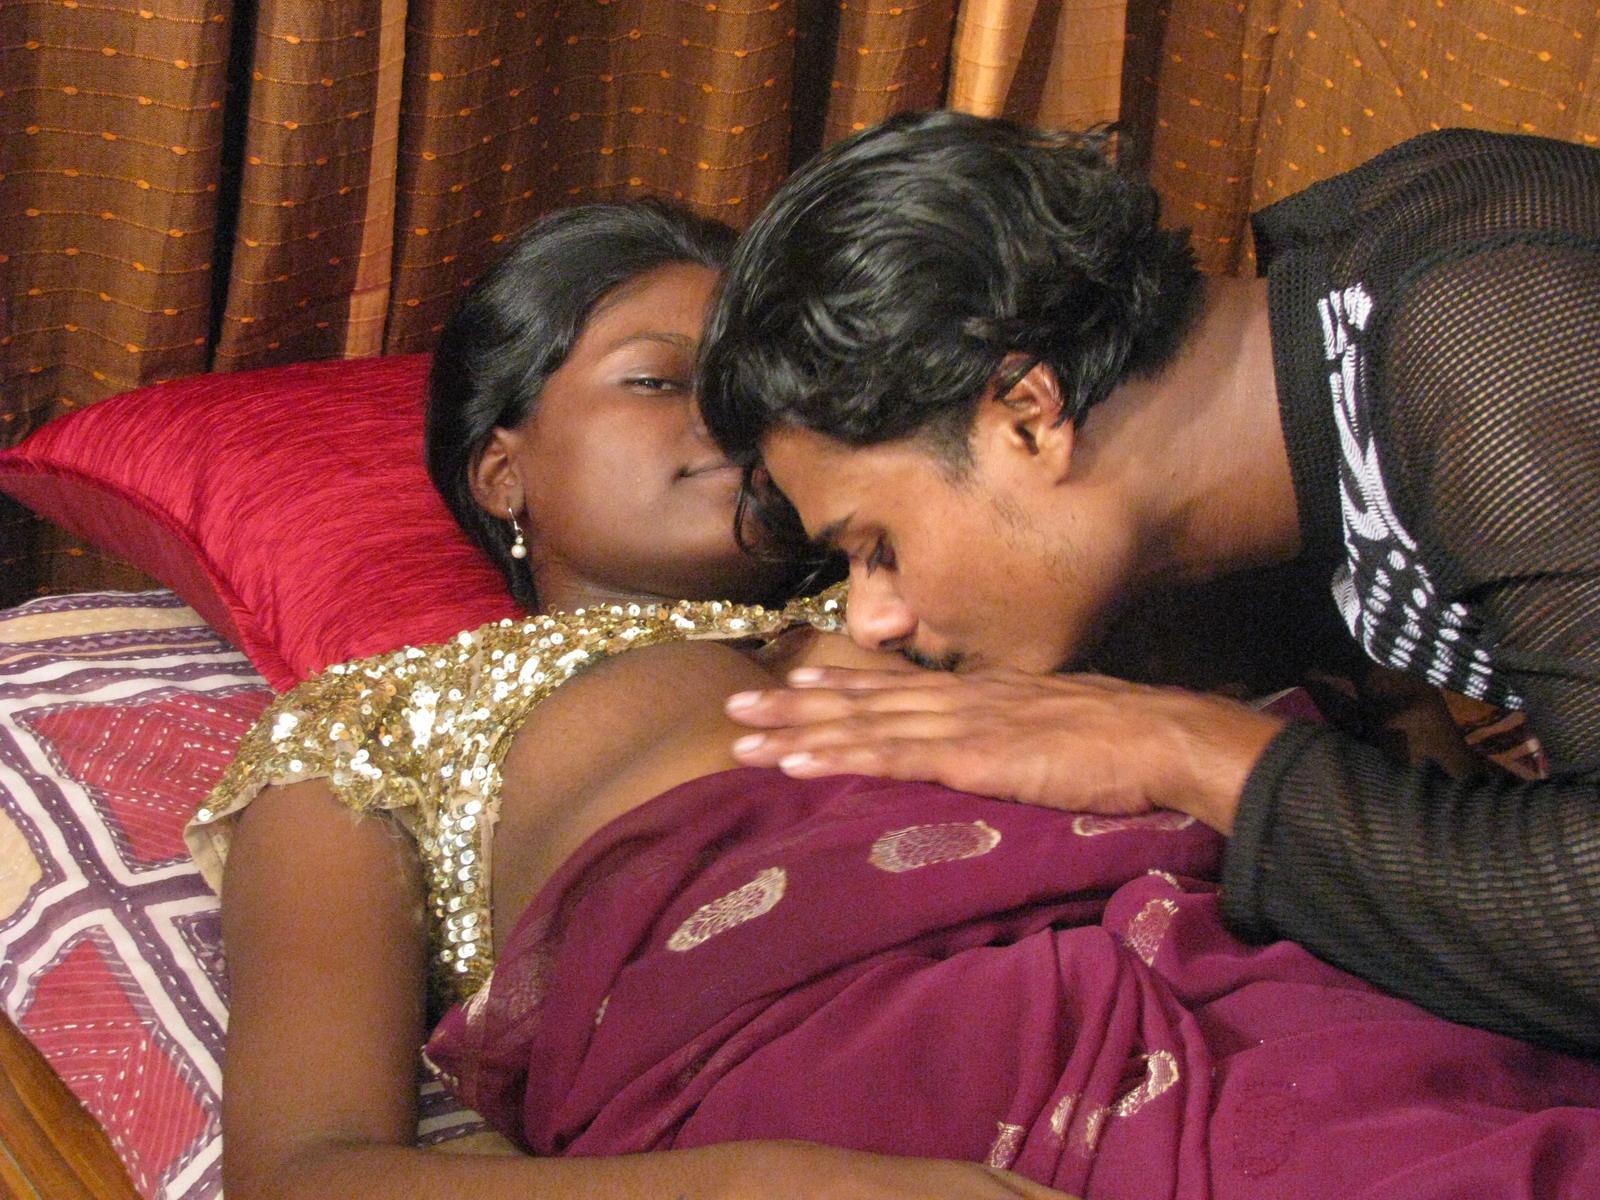 Порно видео с индусами онлайн